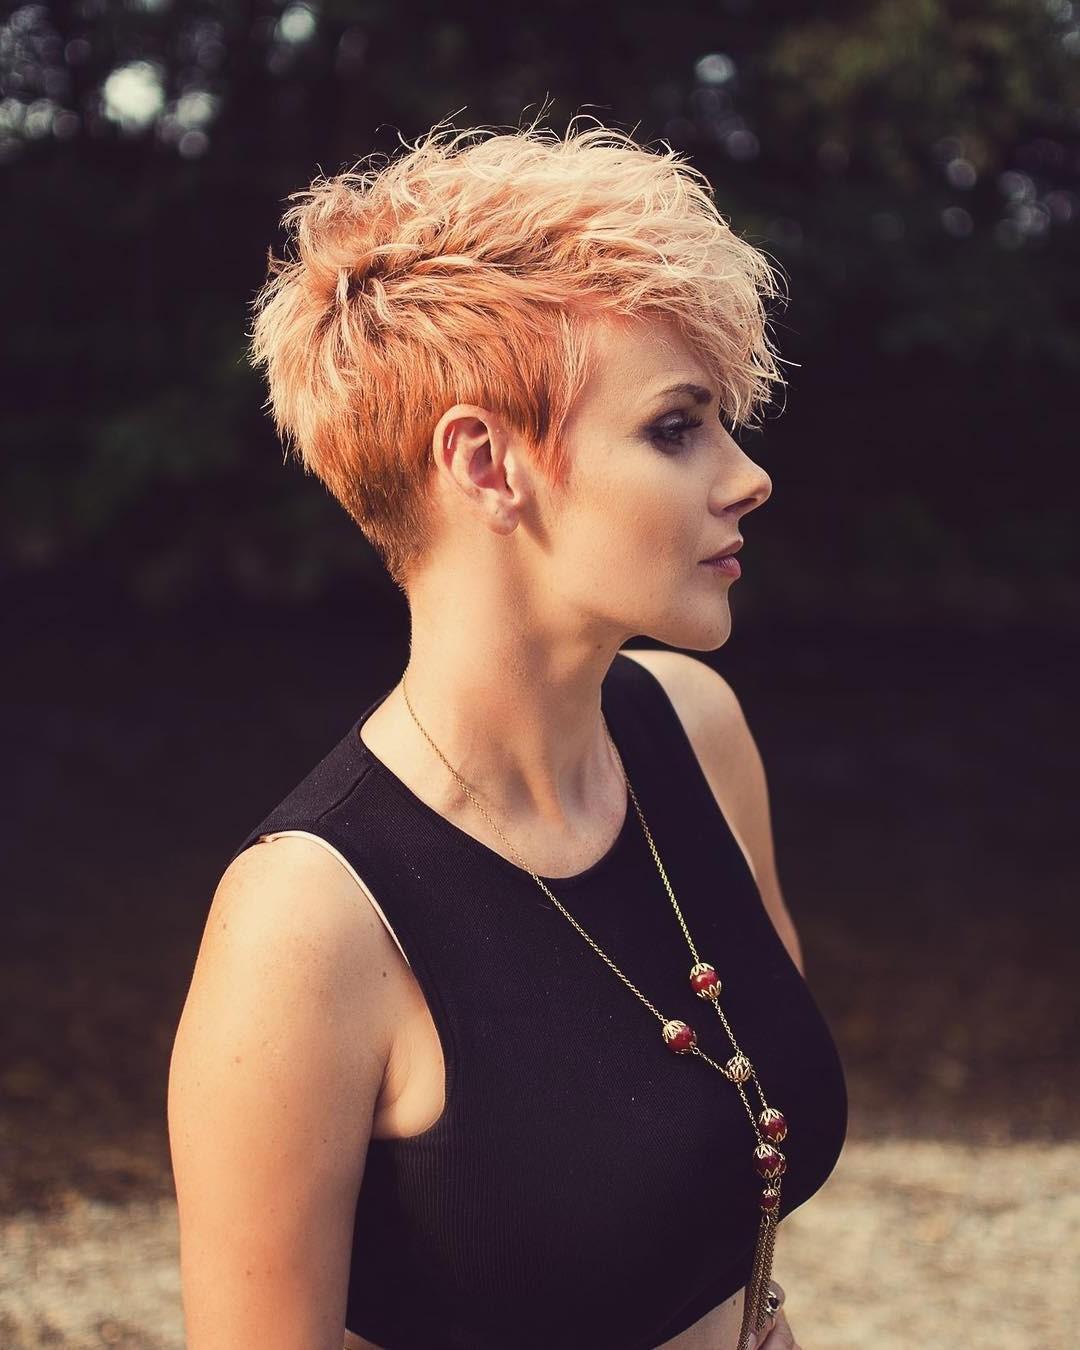 Pour encore plus de volume, retournez la tête pendant que vous séchez vos cheveux - les résultats en valent la peine.